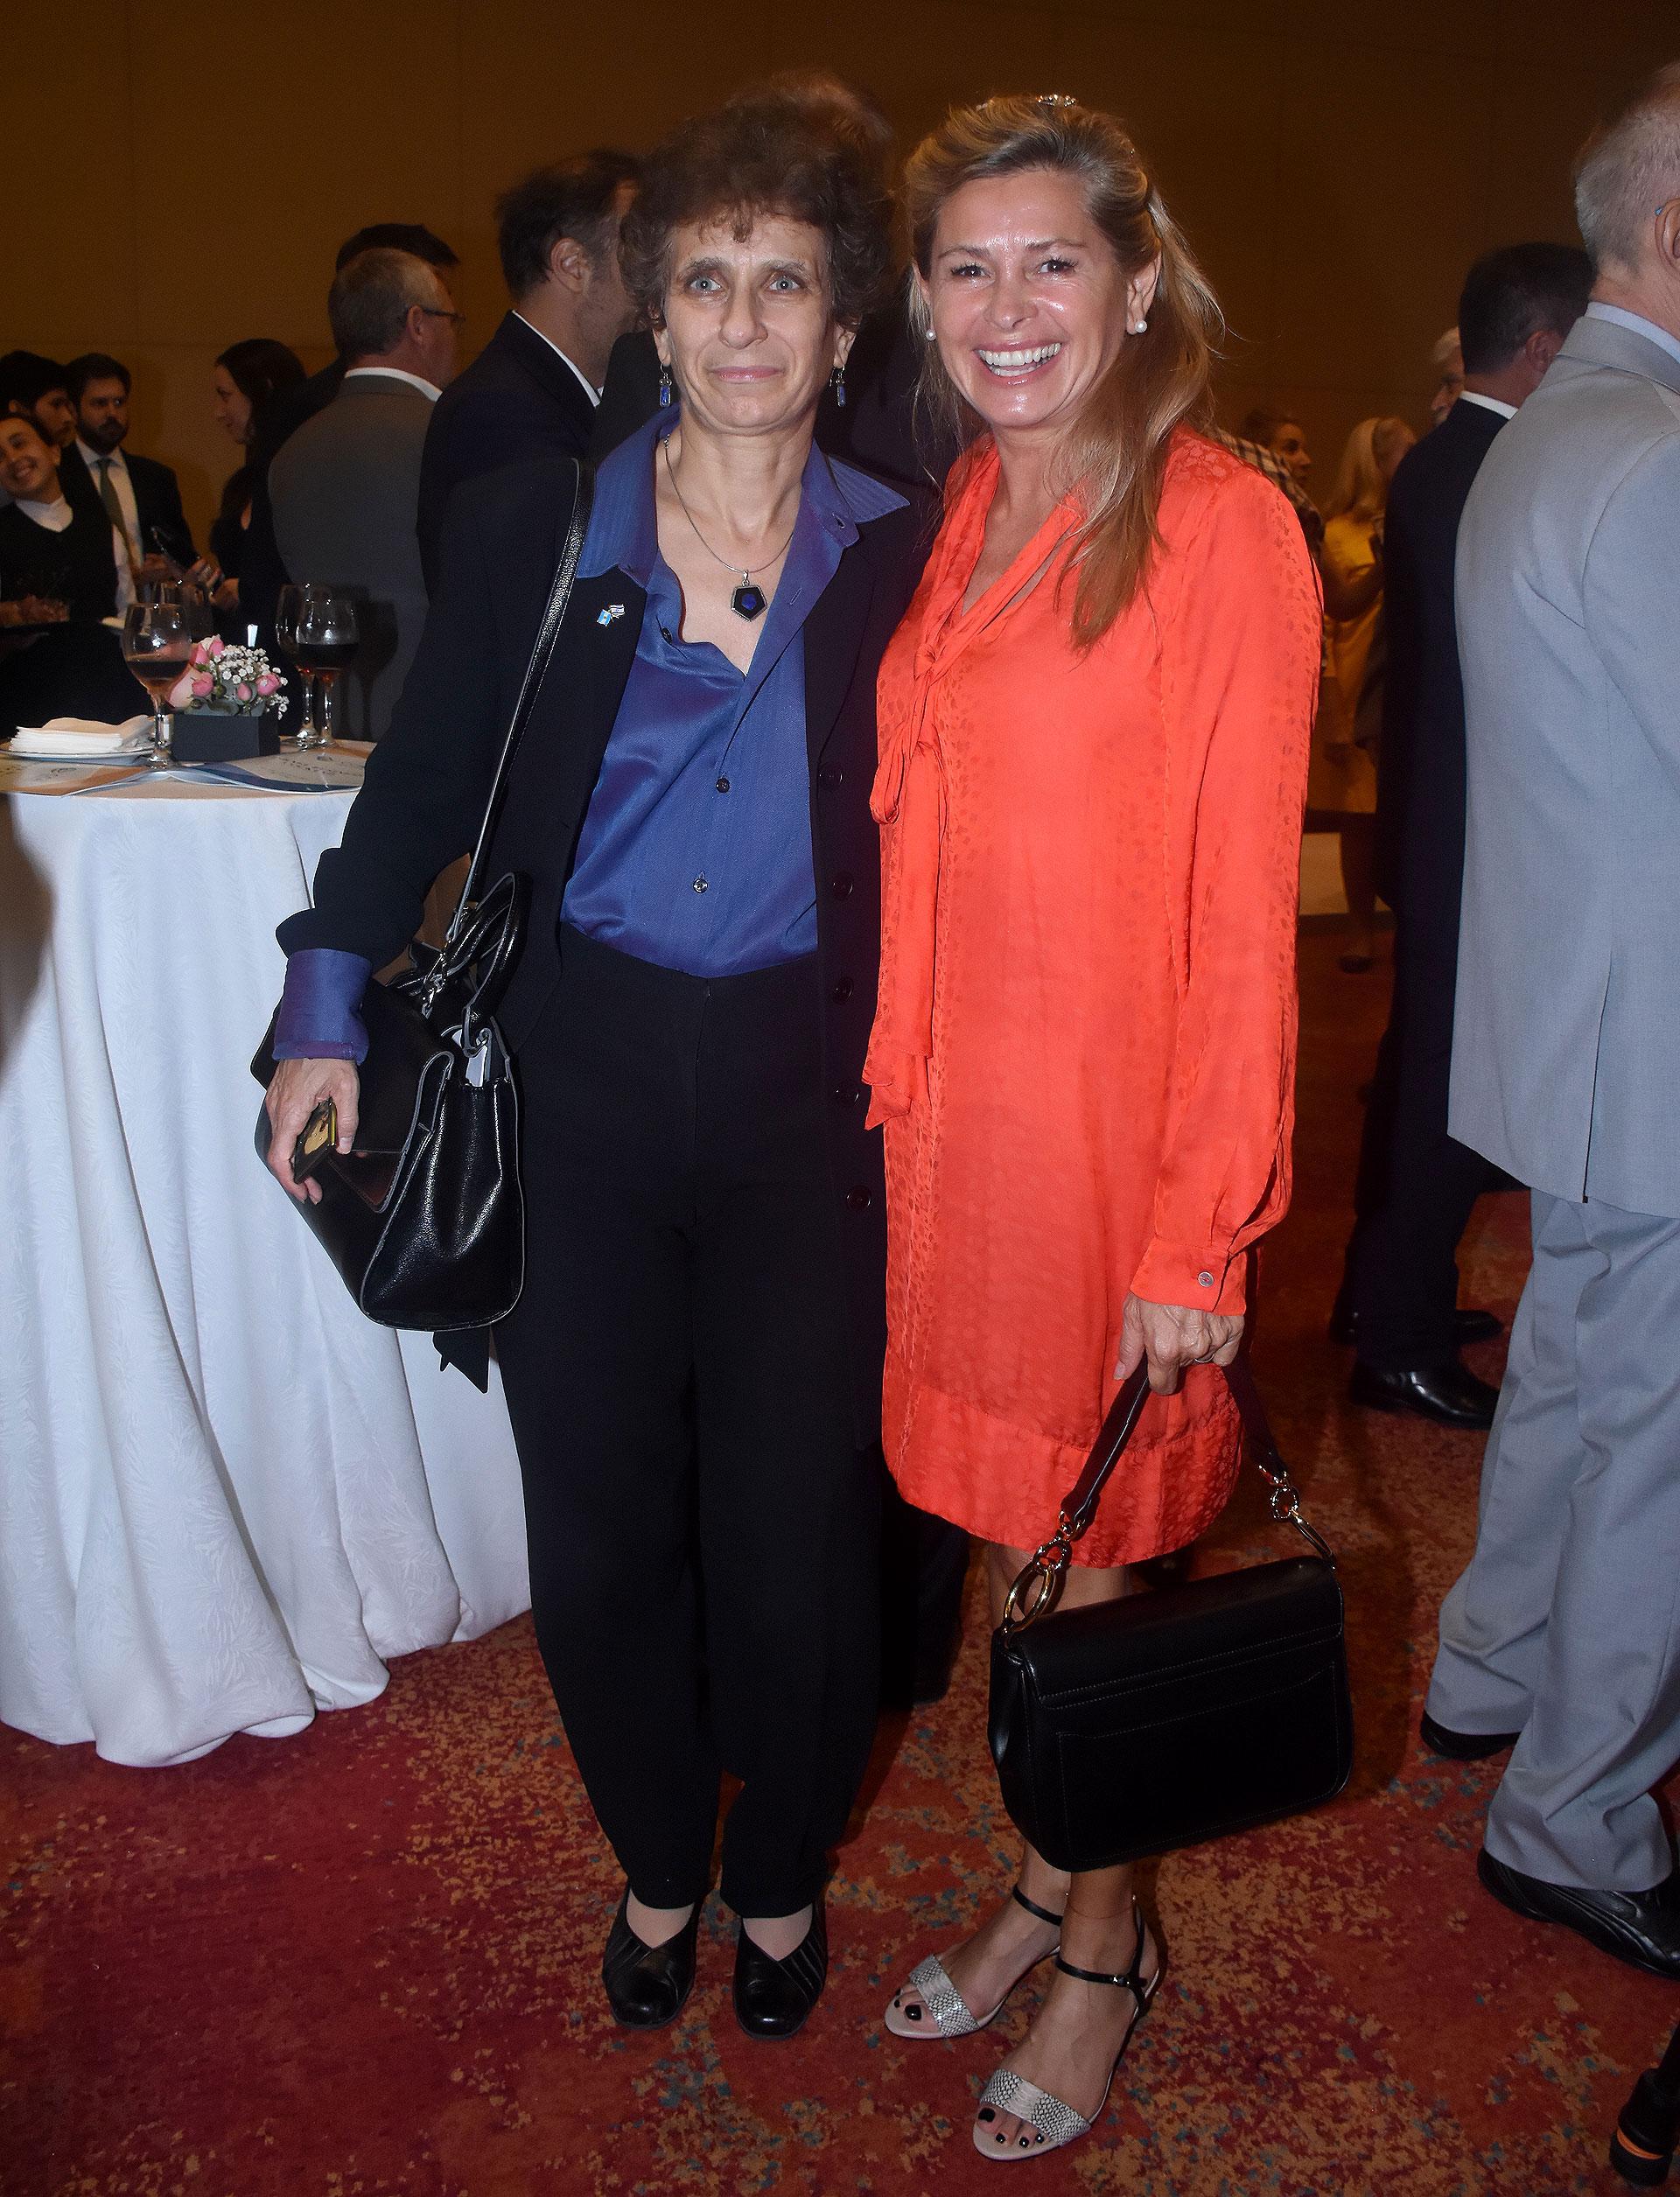 La embajadora Galit Ronen y la ex senadora María Laura Leguizamón